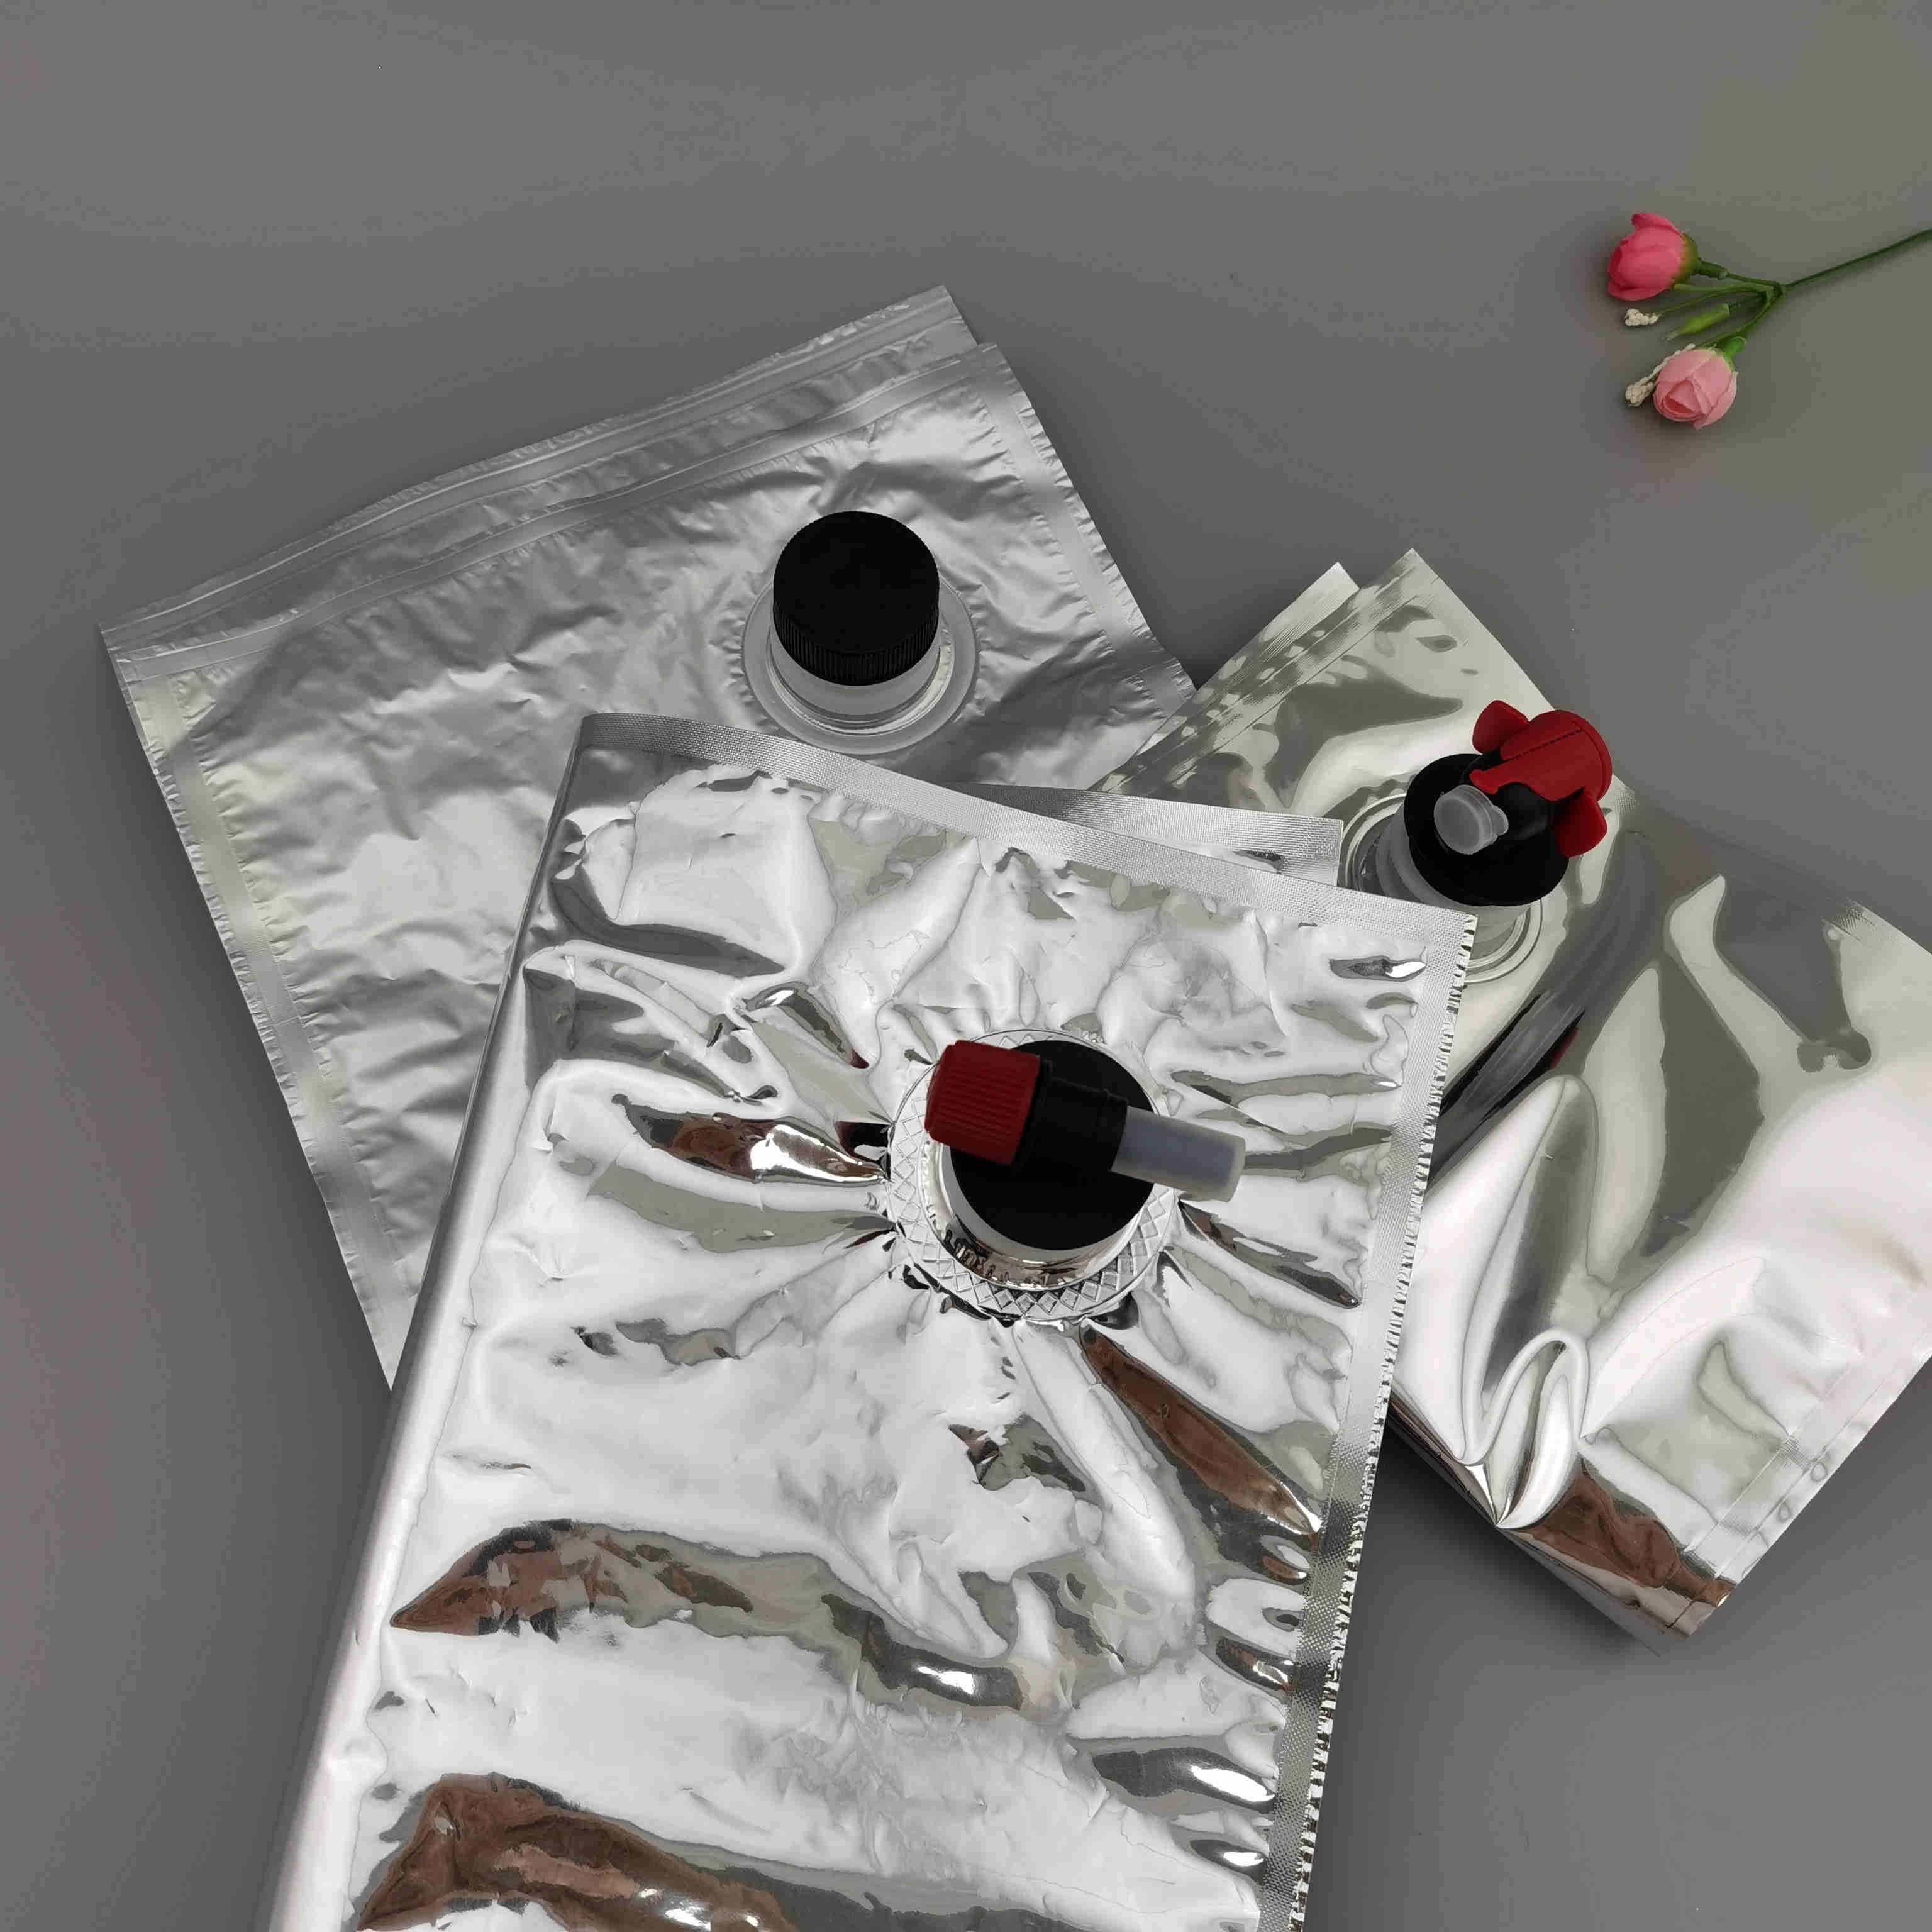 实力厂家直供蝴蝶阀盒中袋 果汁鸡蛋液等液体包装袋 1-20L可定制